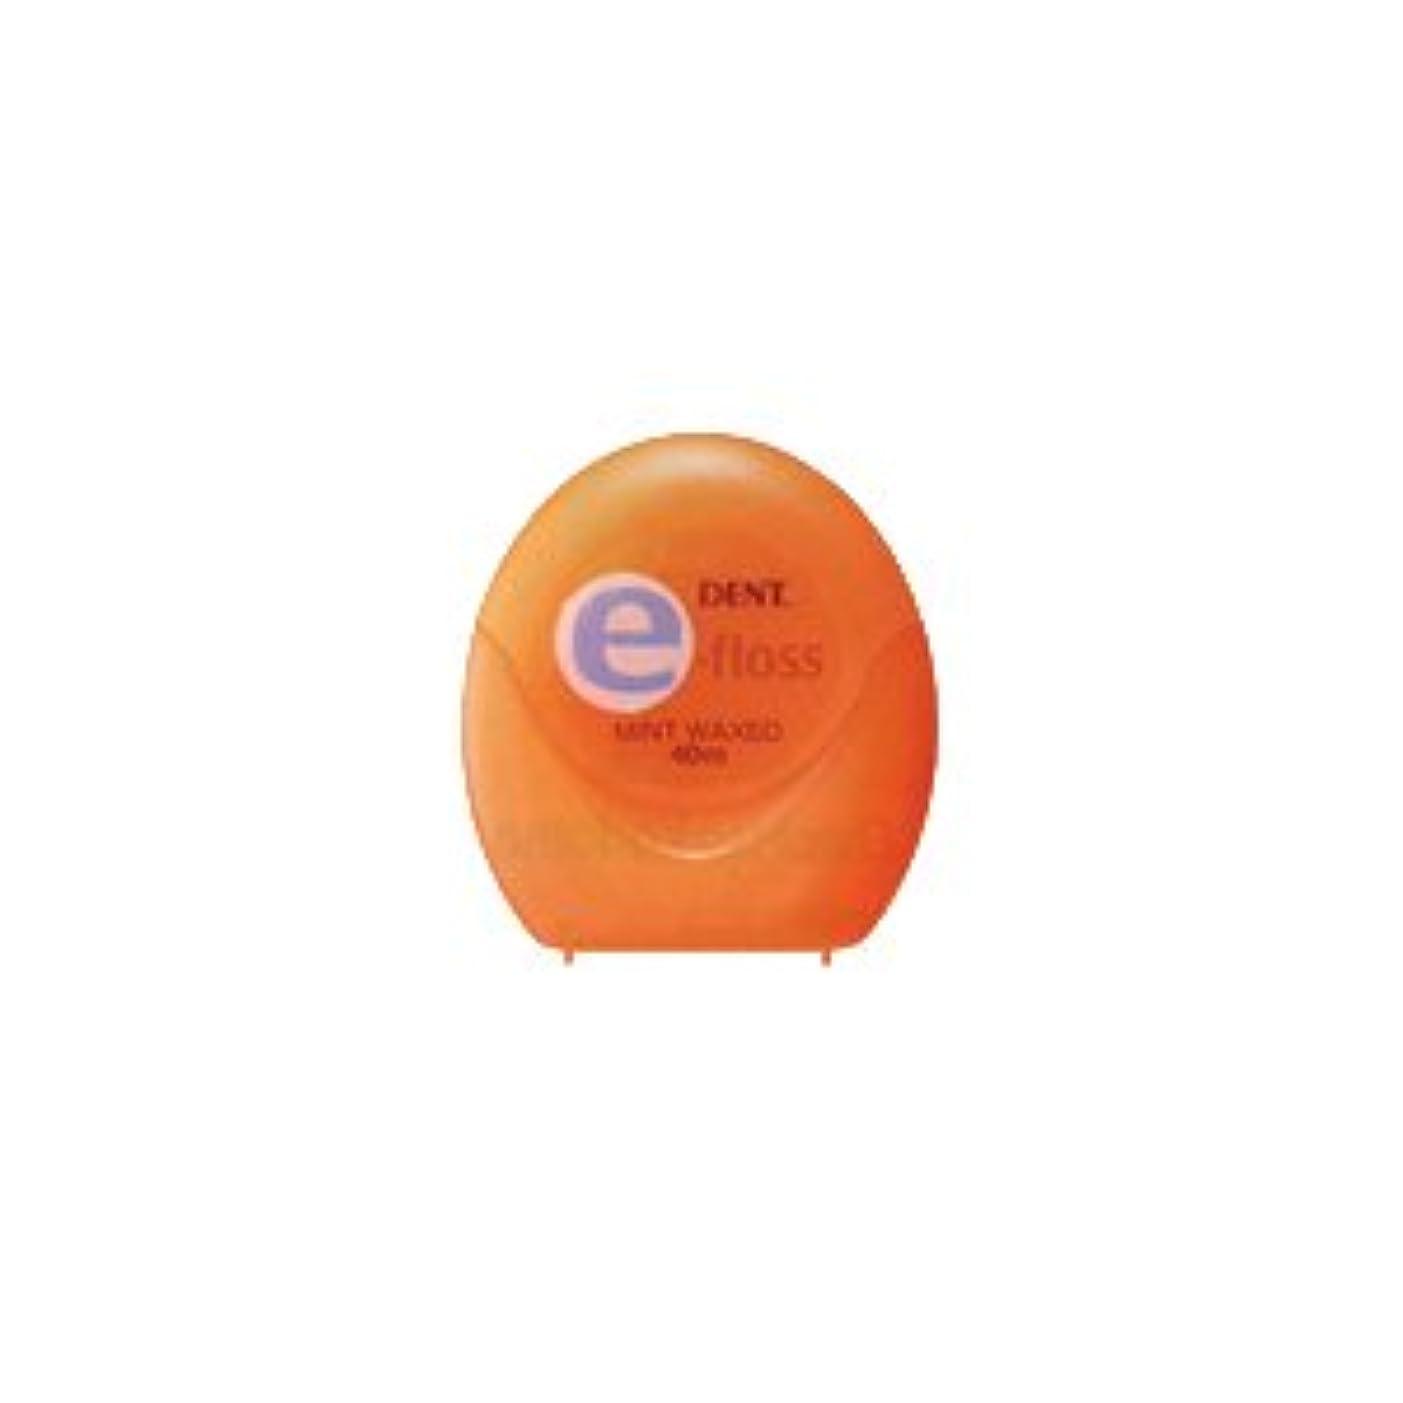 静脈ピッチャーサスティーンライオン DENT.e-floss デントイーフロス 1個 (オレンジ)